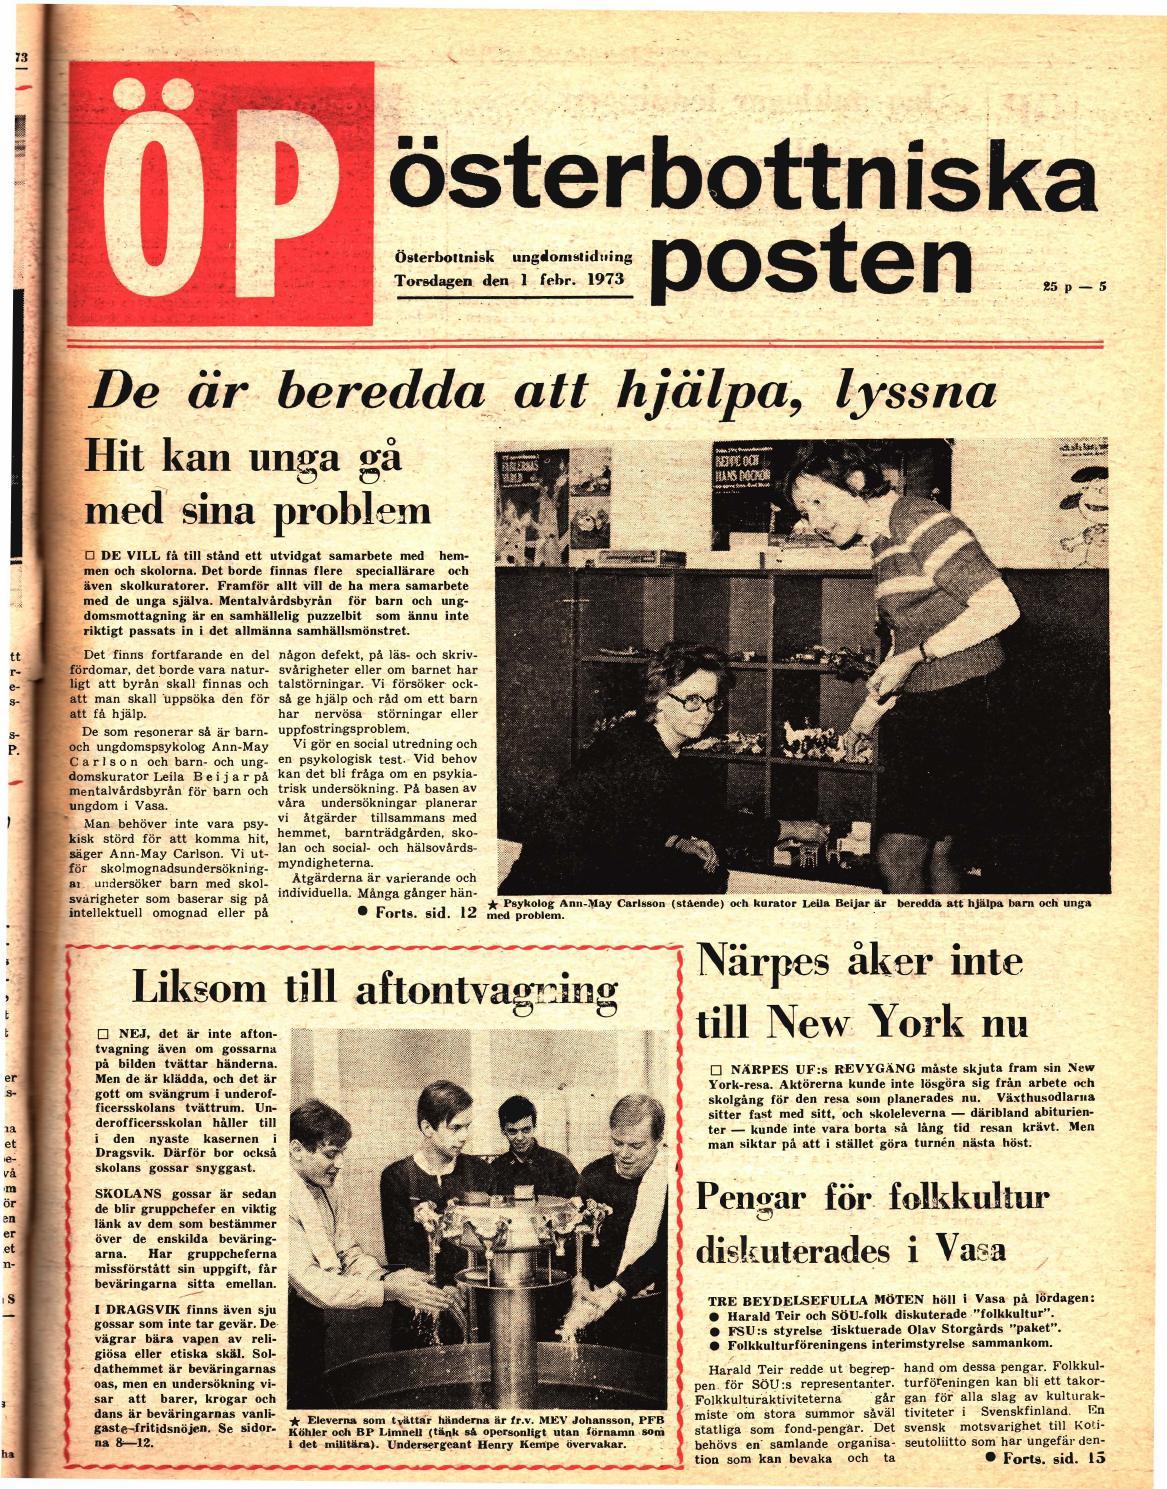 Österbottniska Posten (ÖP) nr. 5 1973 by Österbottniska Posten - issuu e8cbc5fd5c5d2